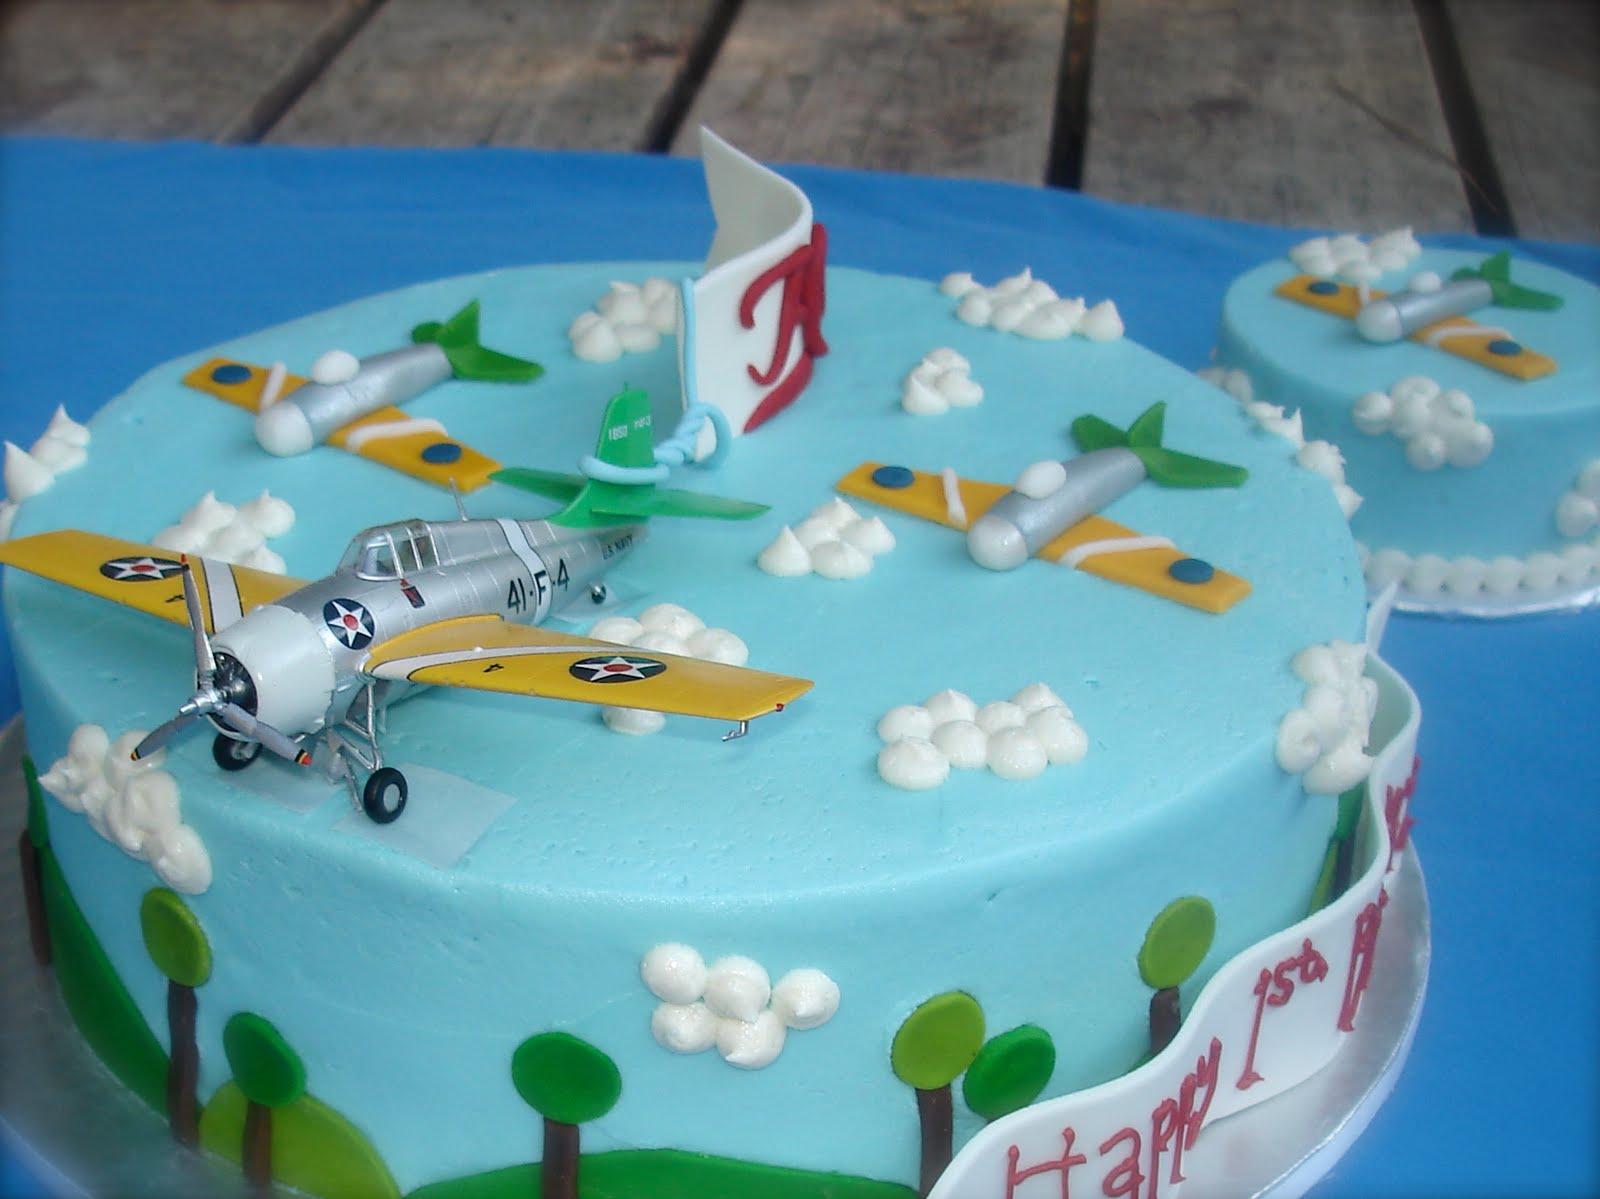 Susanas Cakes August 2010